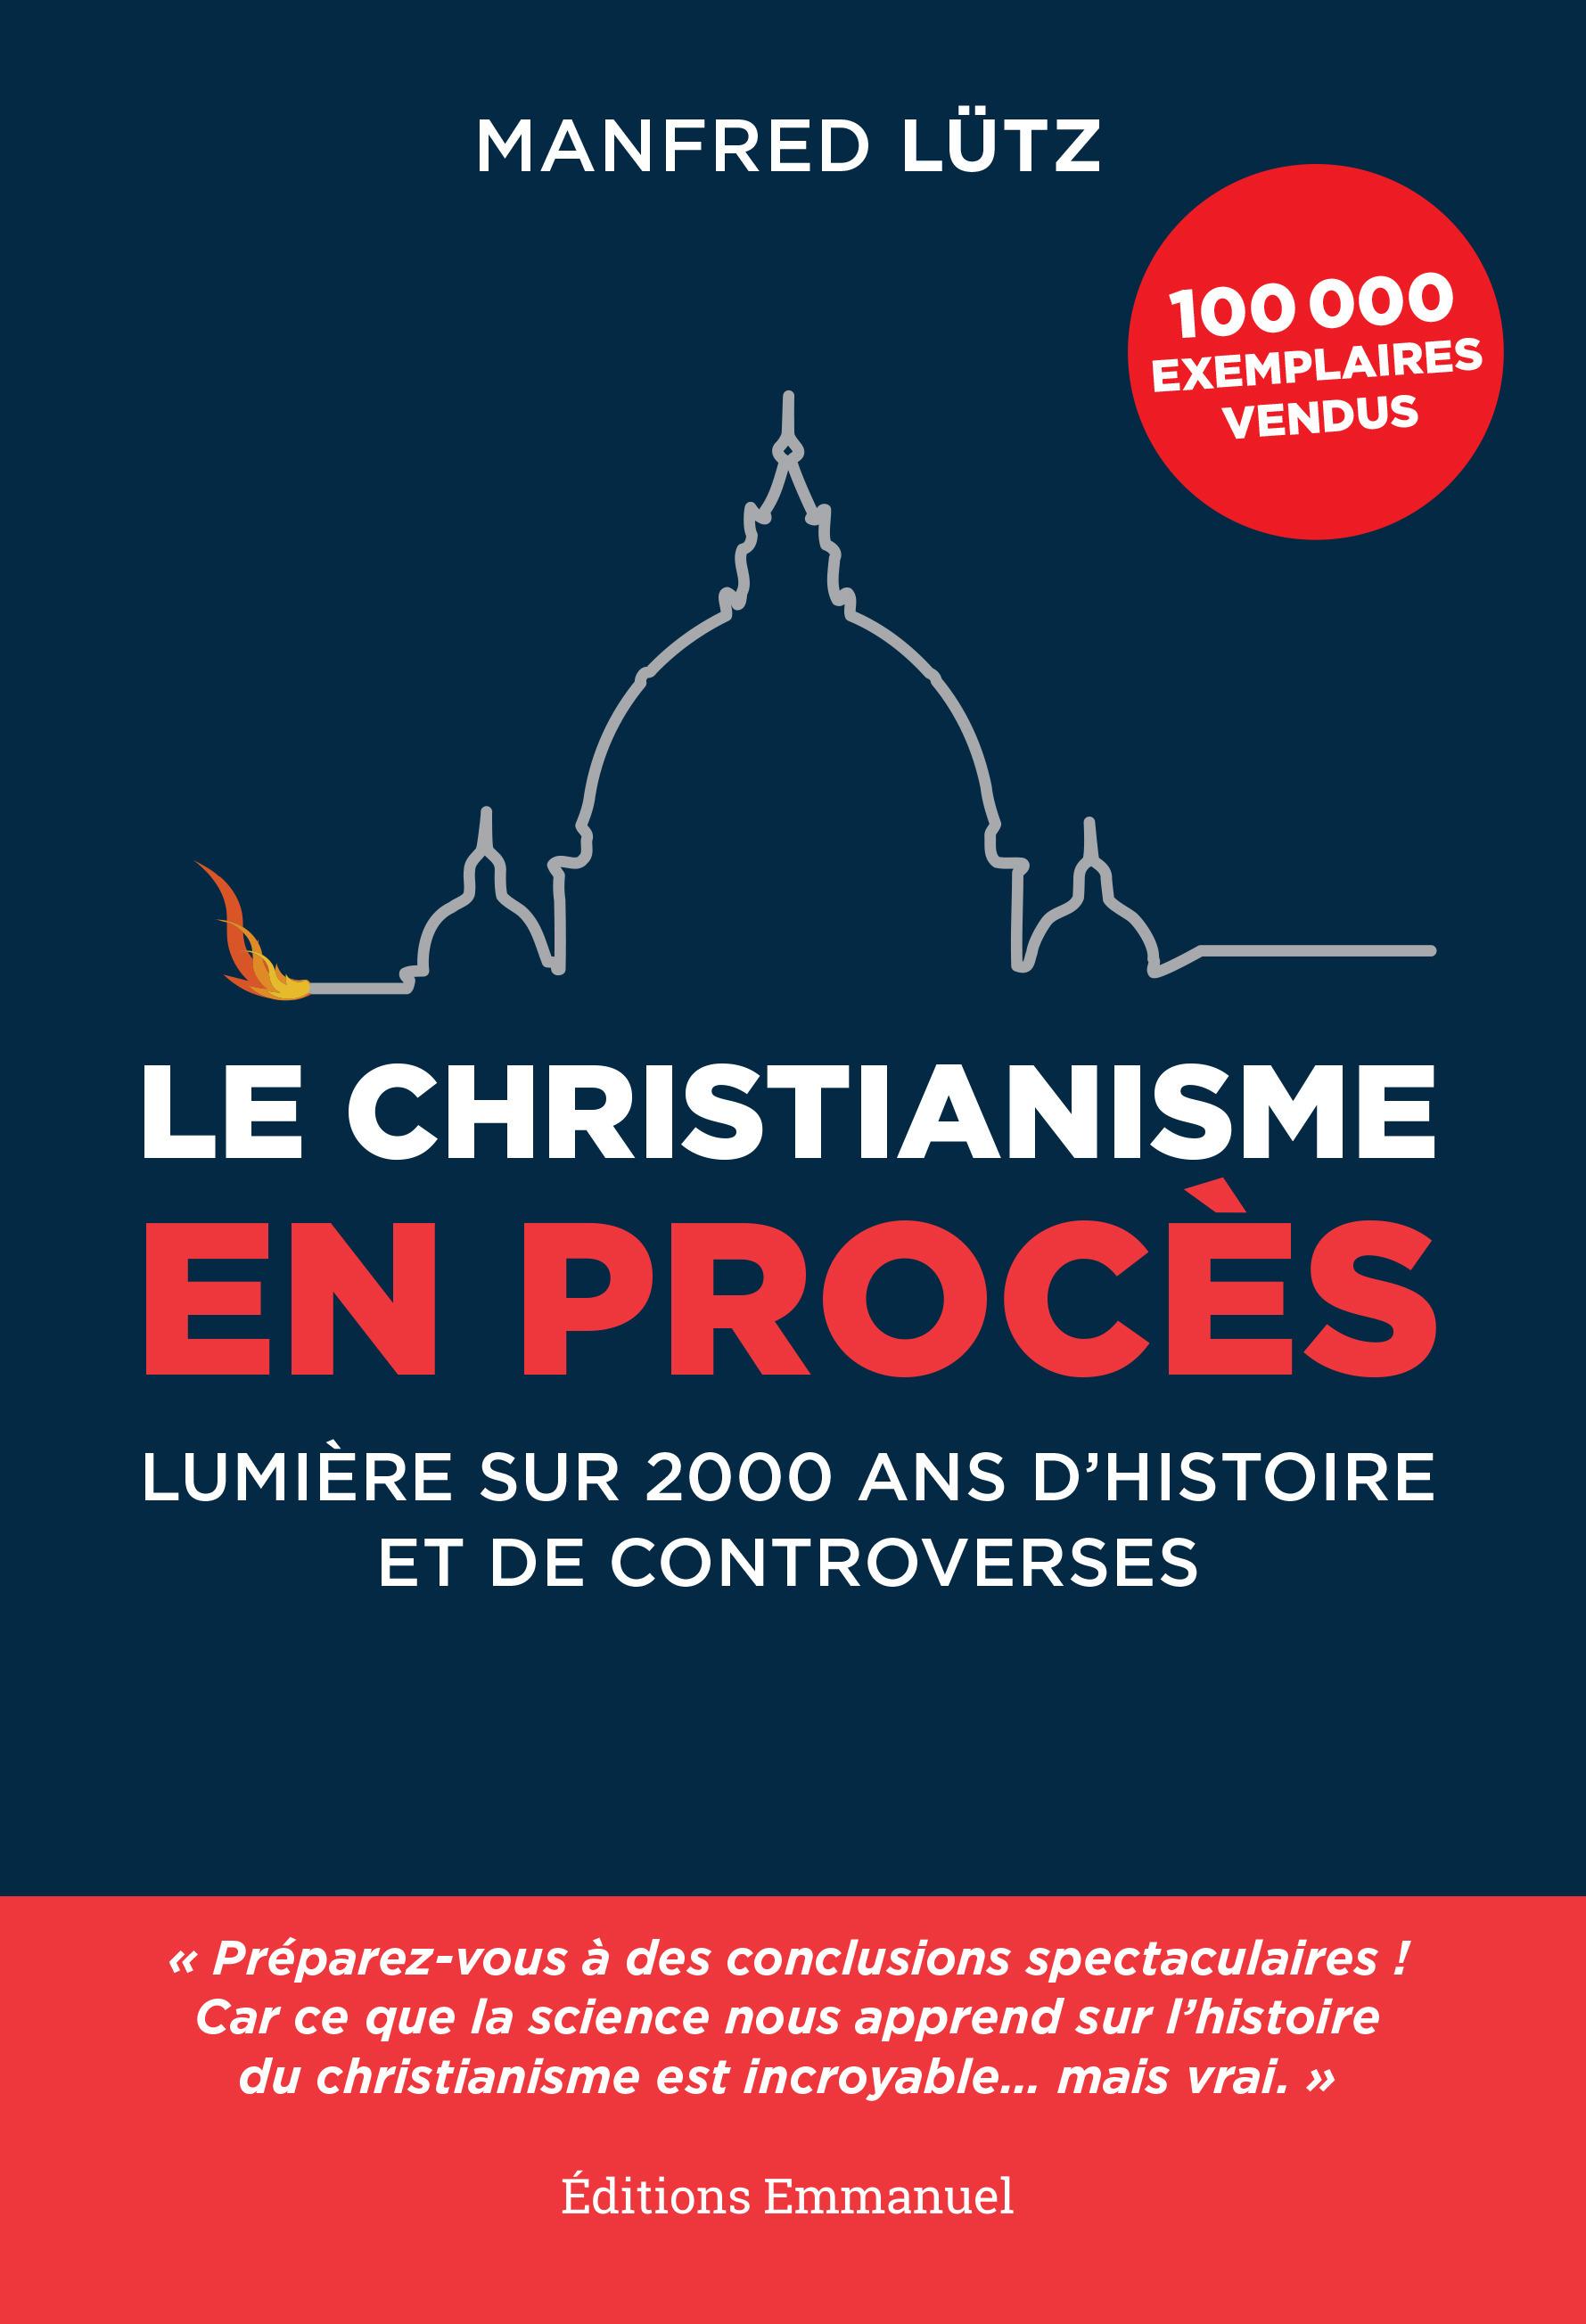 le christianisme en procès ; lumière sur 2000 ans de controverses